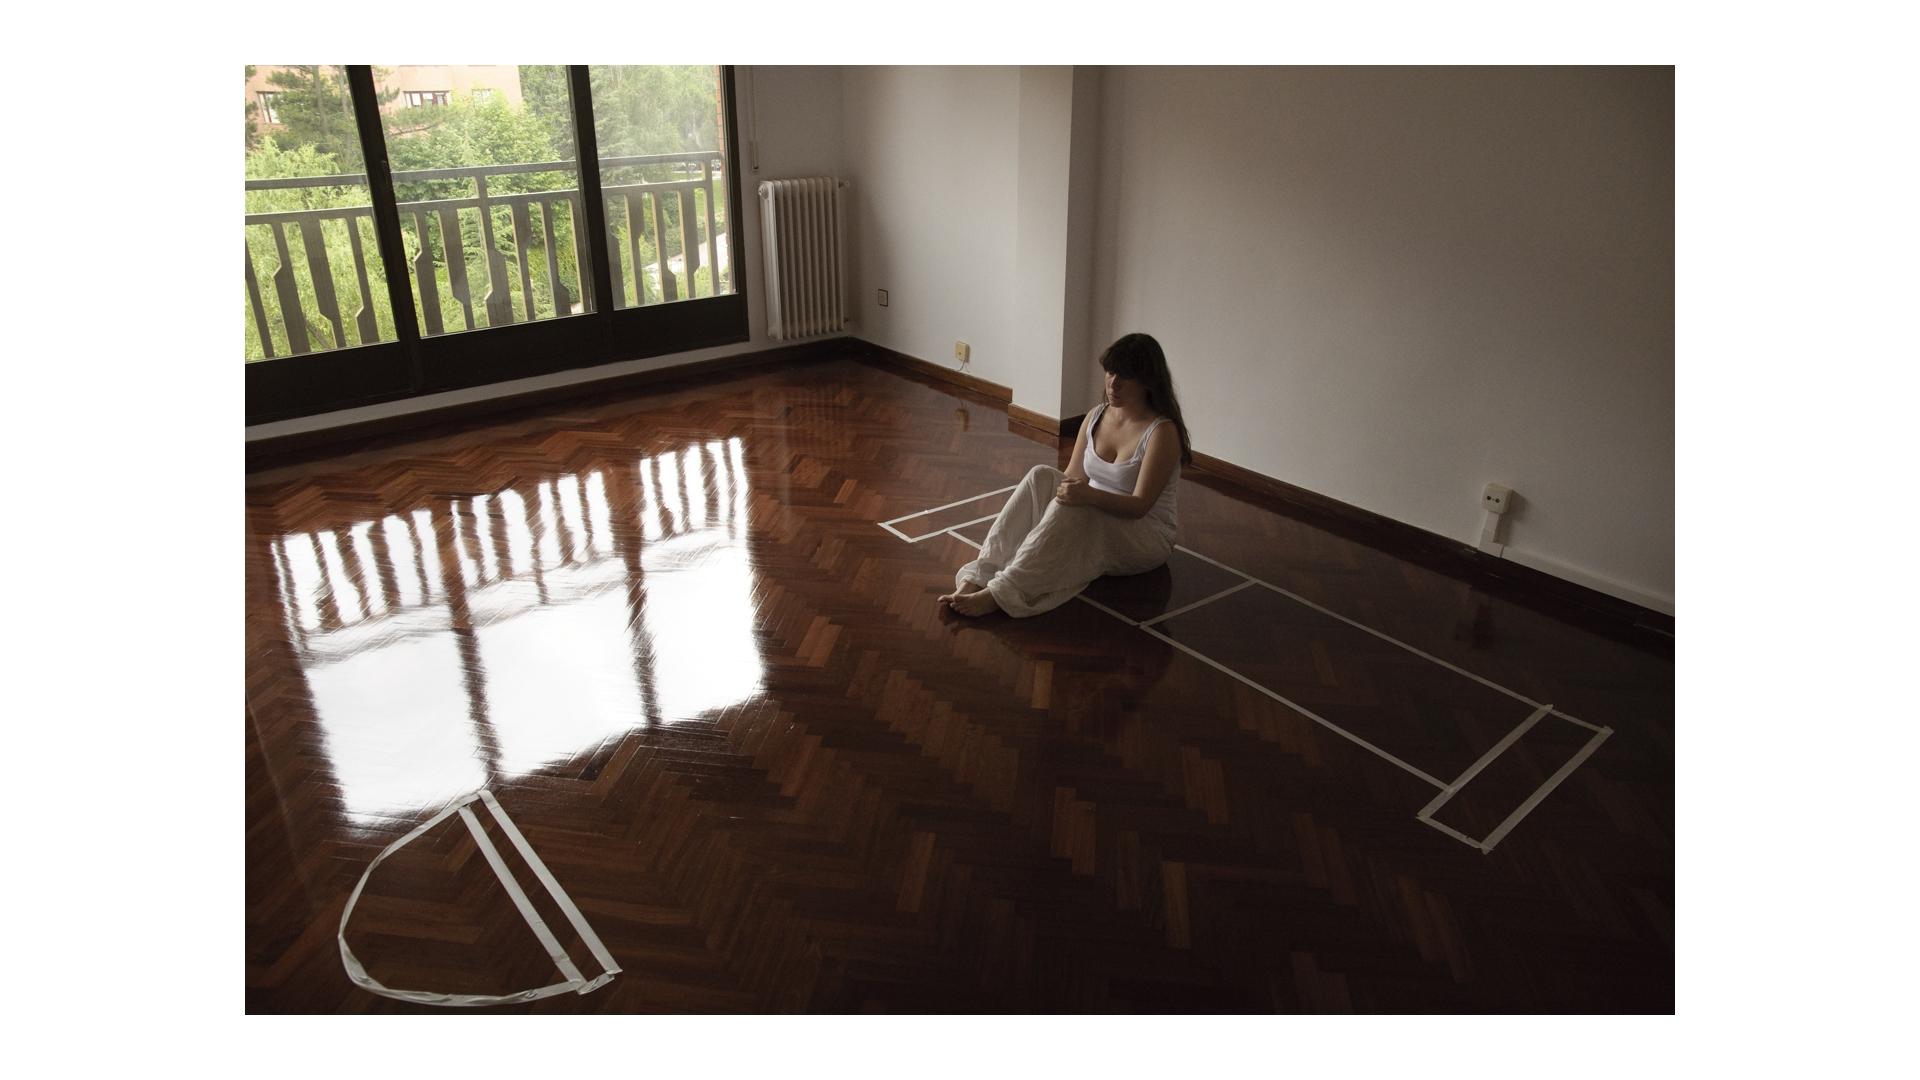 Espacio emocional V (2012) - Elena Gimeno Dones